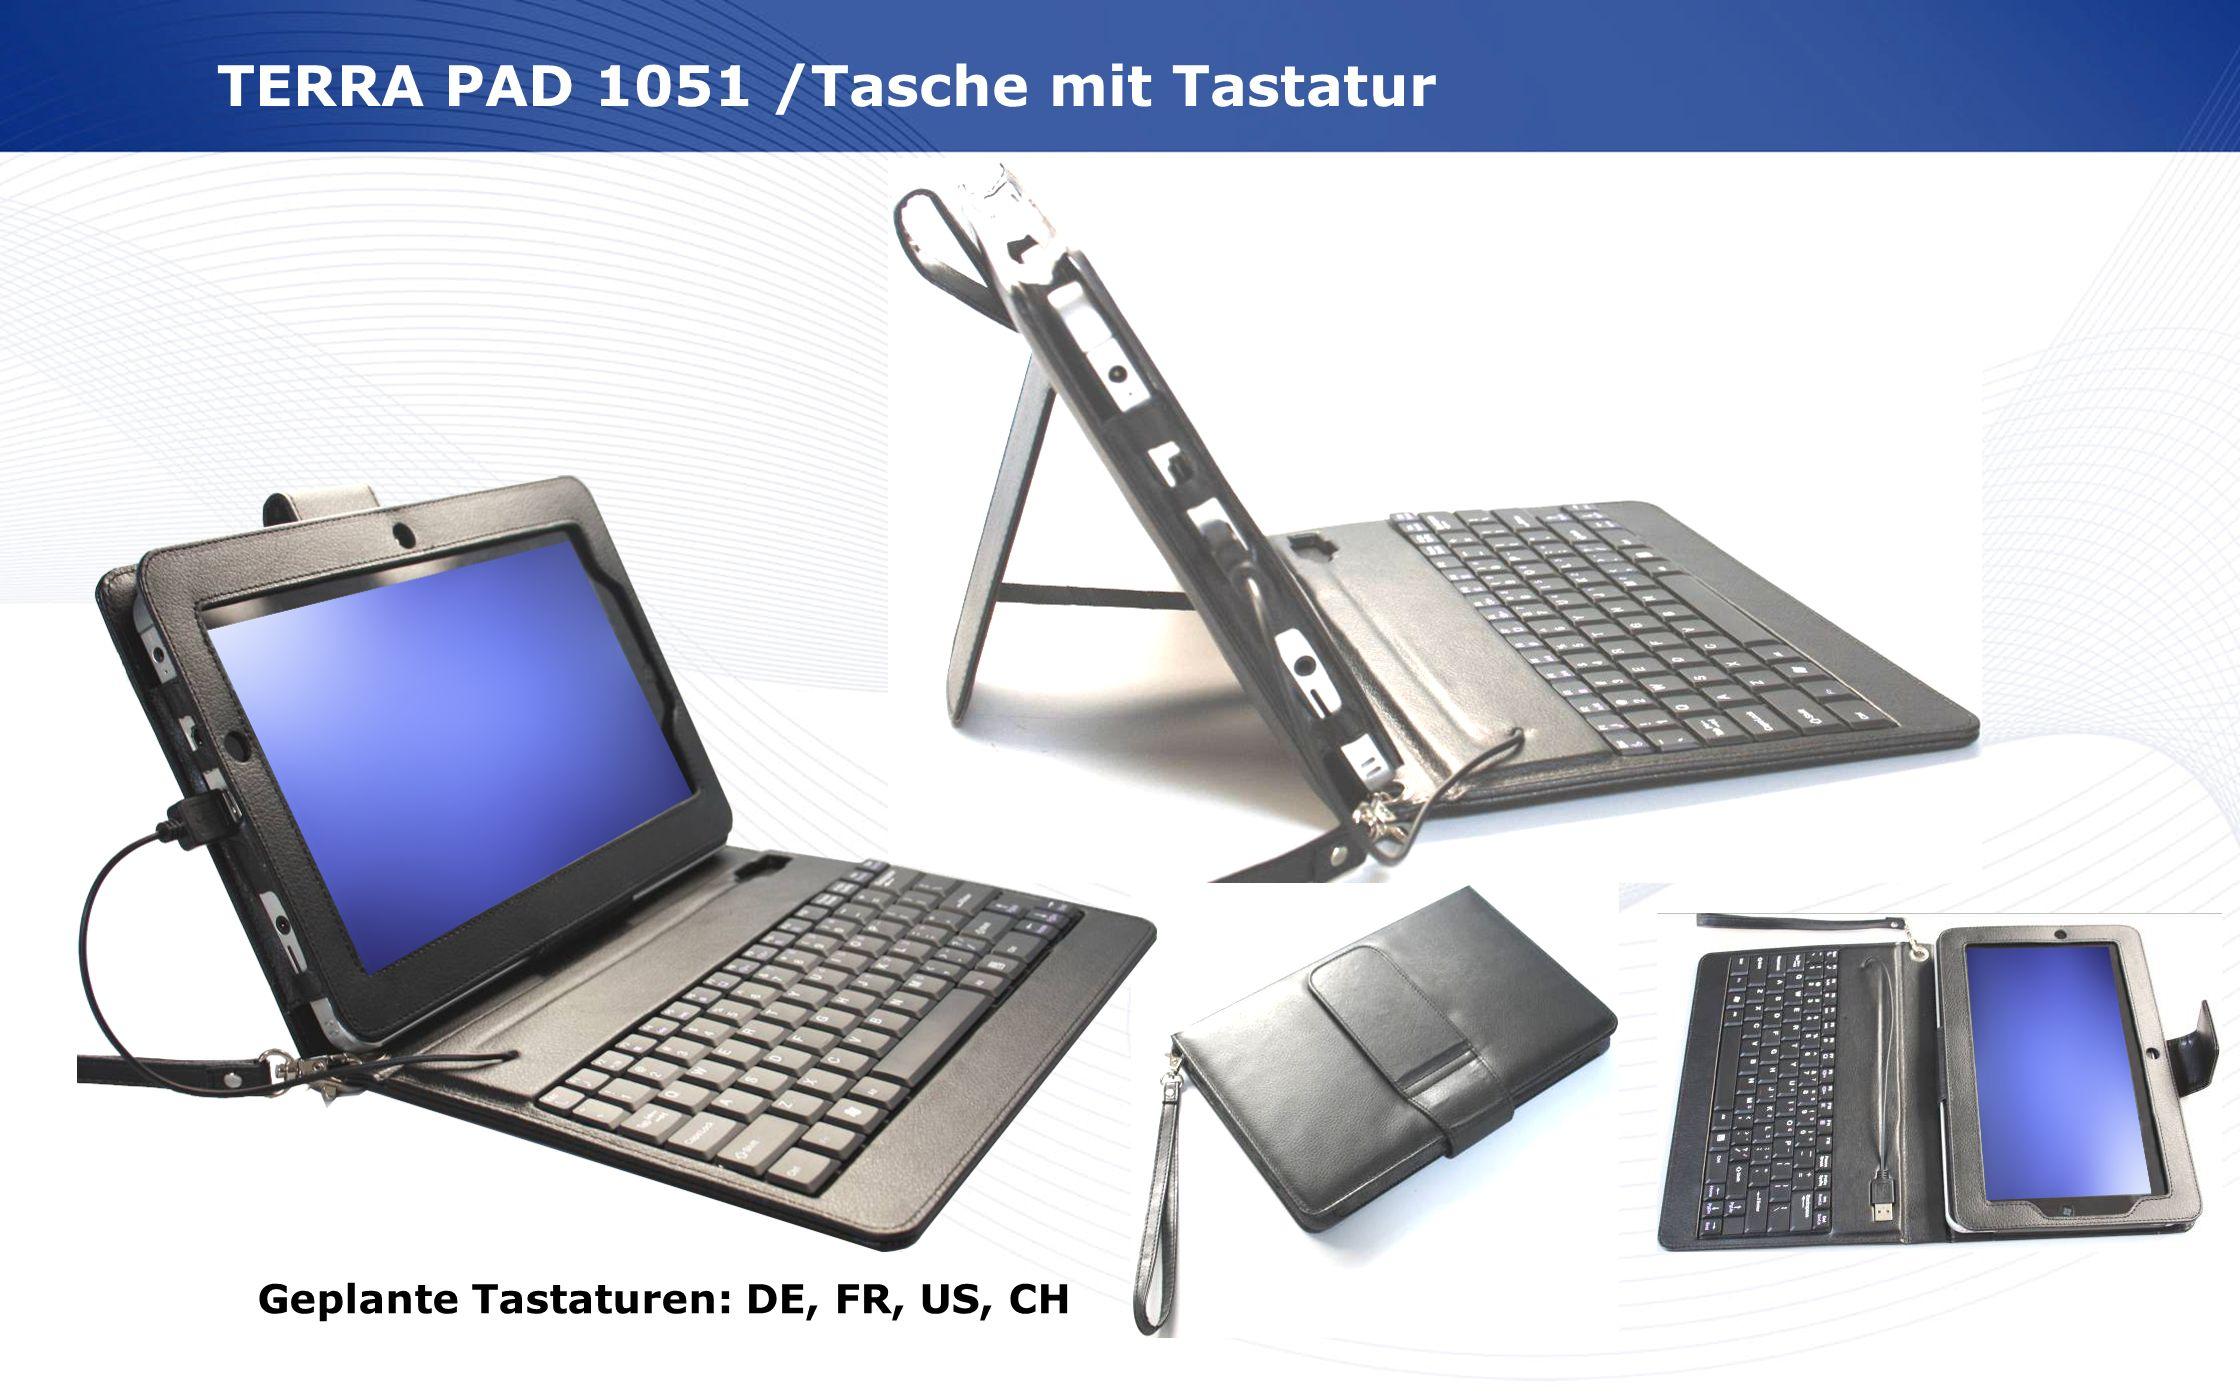 www.wortmann.de TERRA PAD 1051 /Tasche mit Tastatur Geplante Tastaturen: DE, FR, US, CH